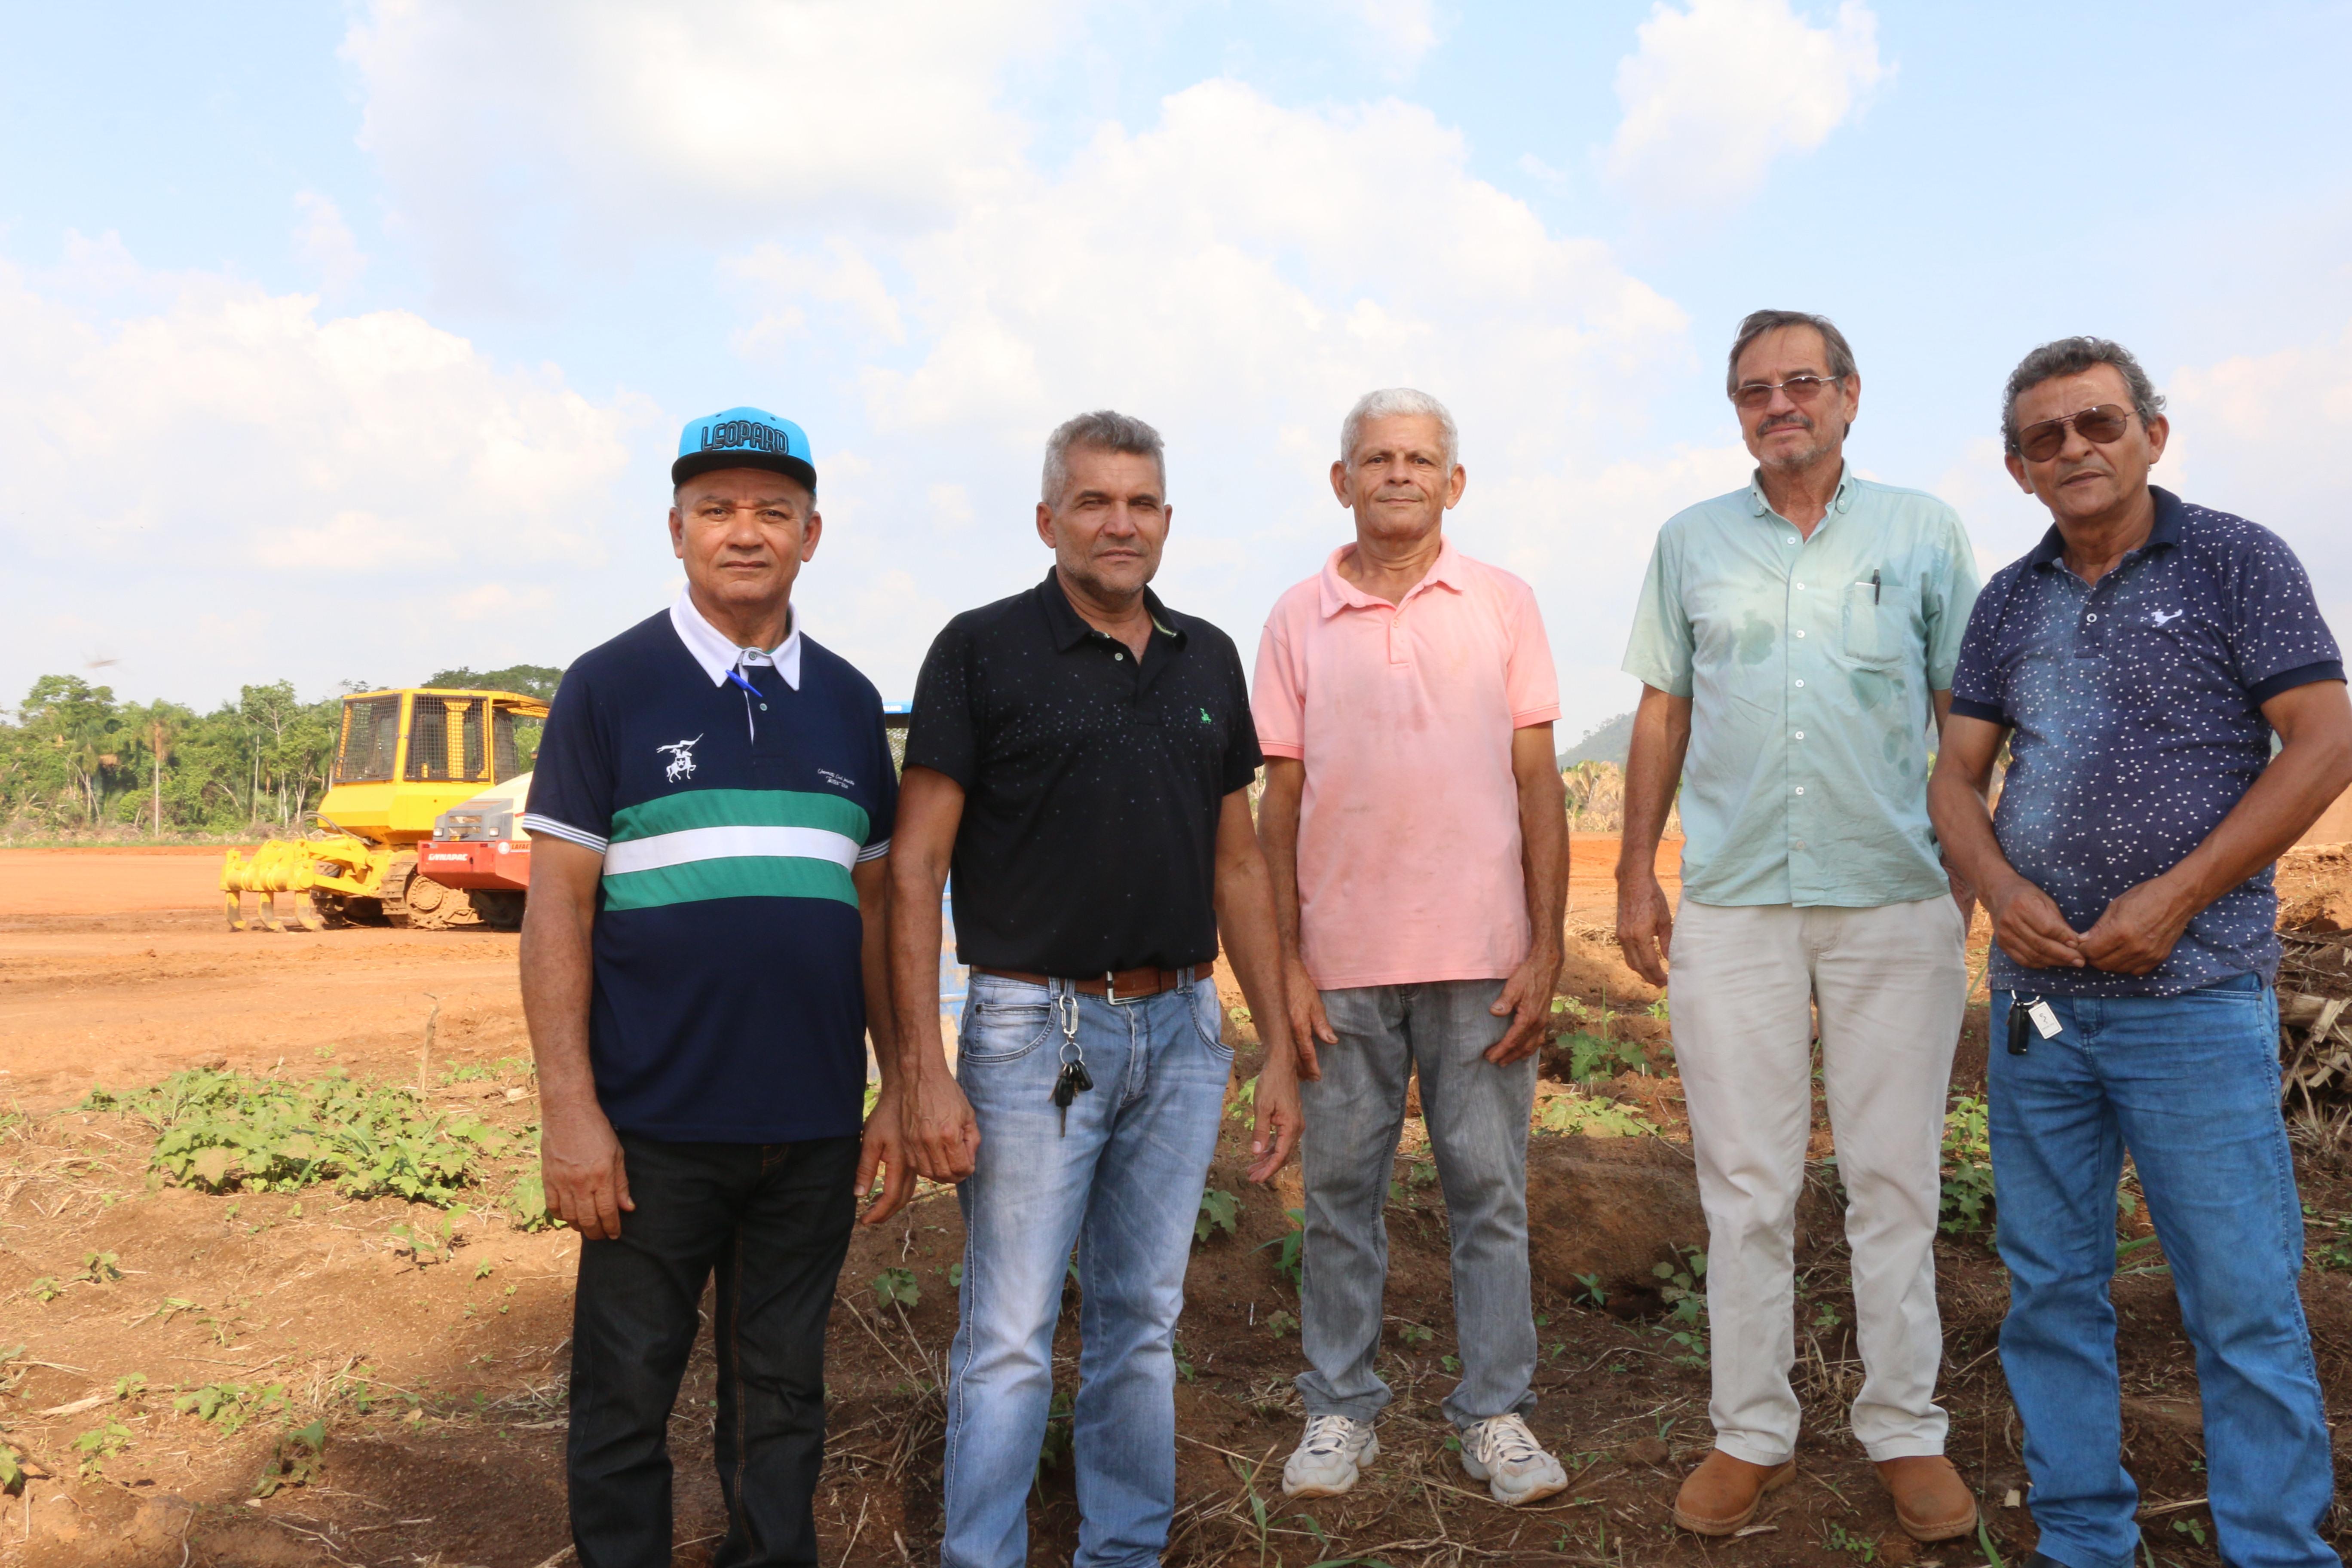 Representantes visitam área do projeto na Cutia